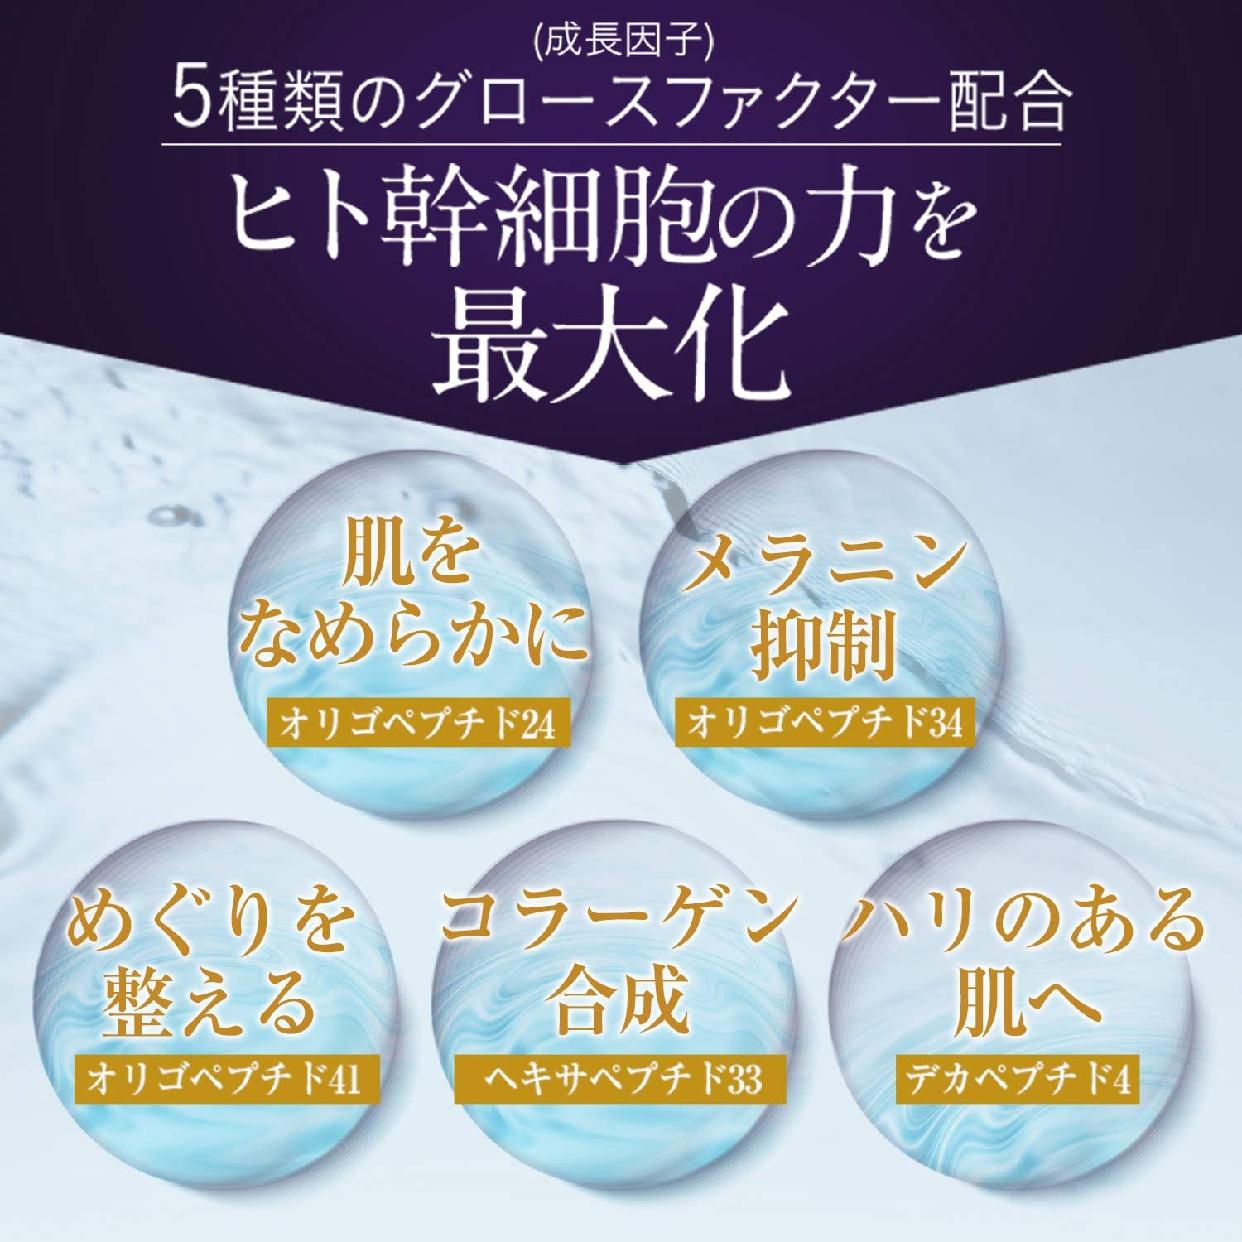 shimaboshi(シマボシ) レストレーションセラムの商品画像4